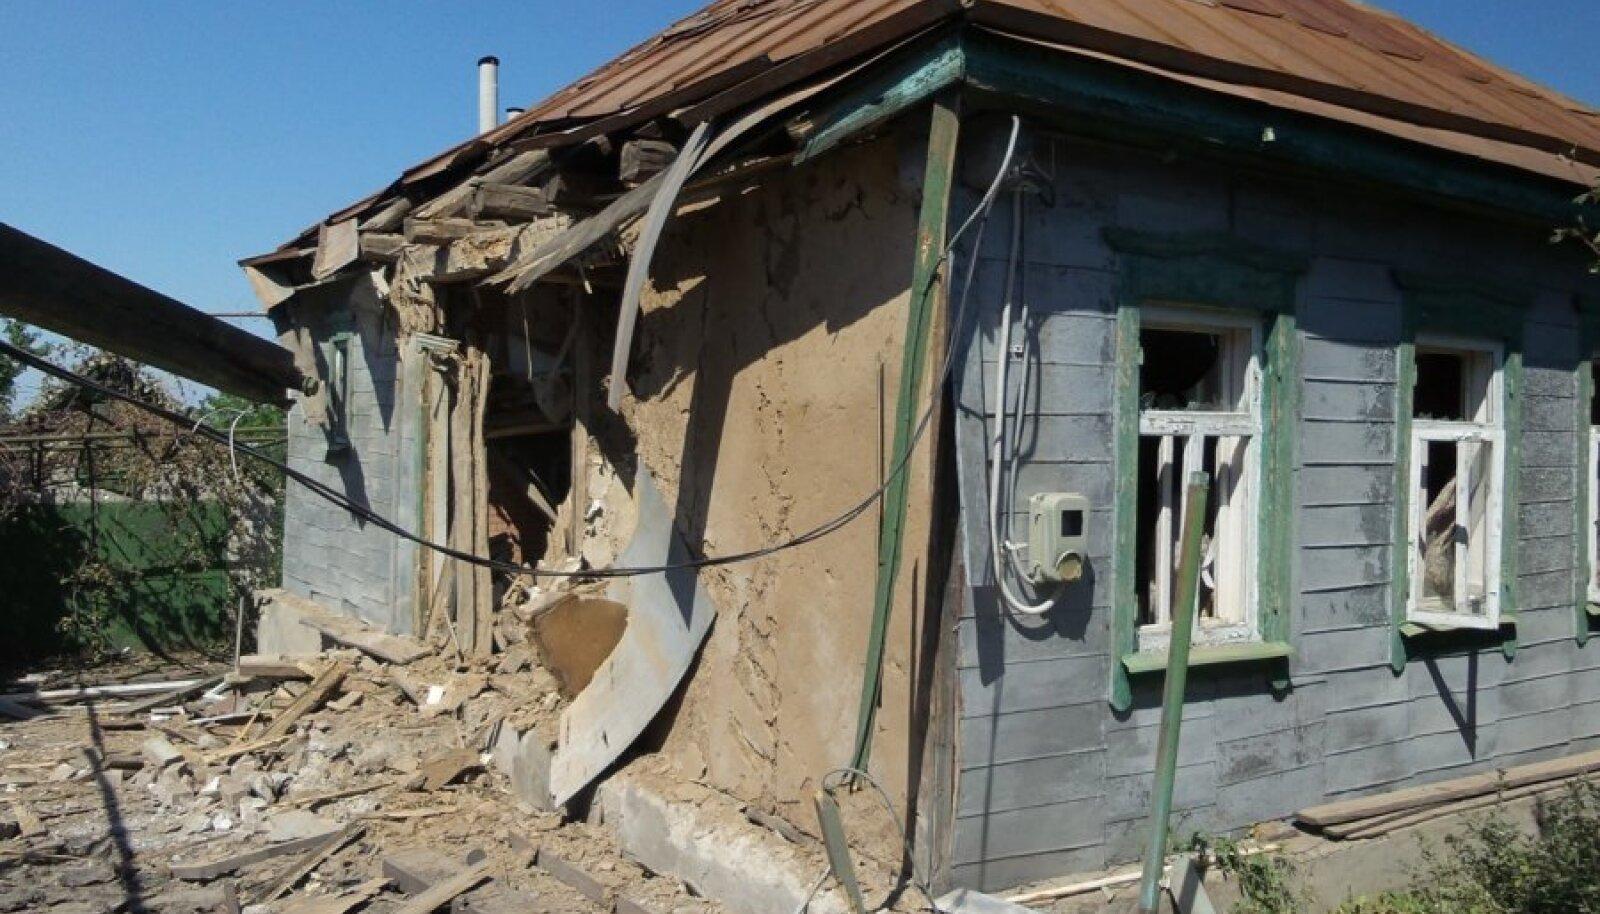 Ligi 600 000 Ida-Ukraina inimest on oma kodudest lahkunud